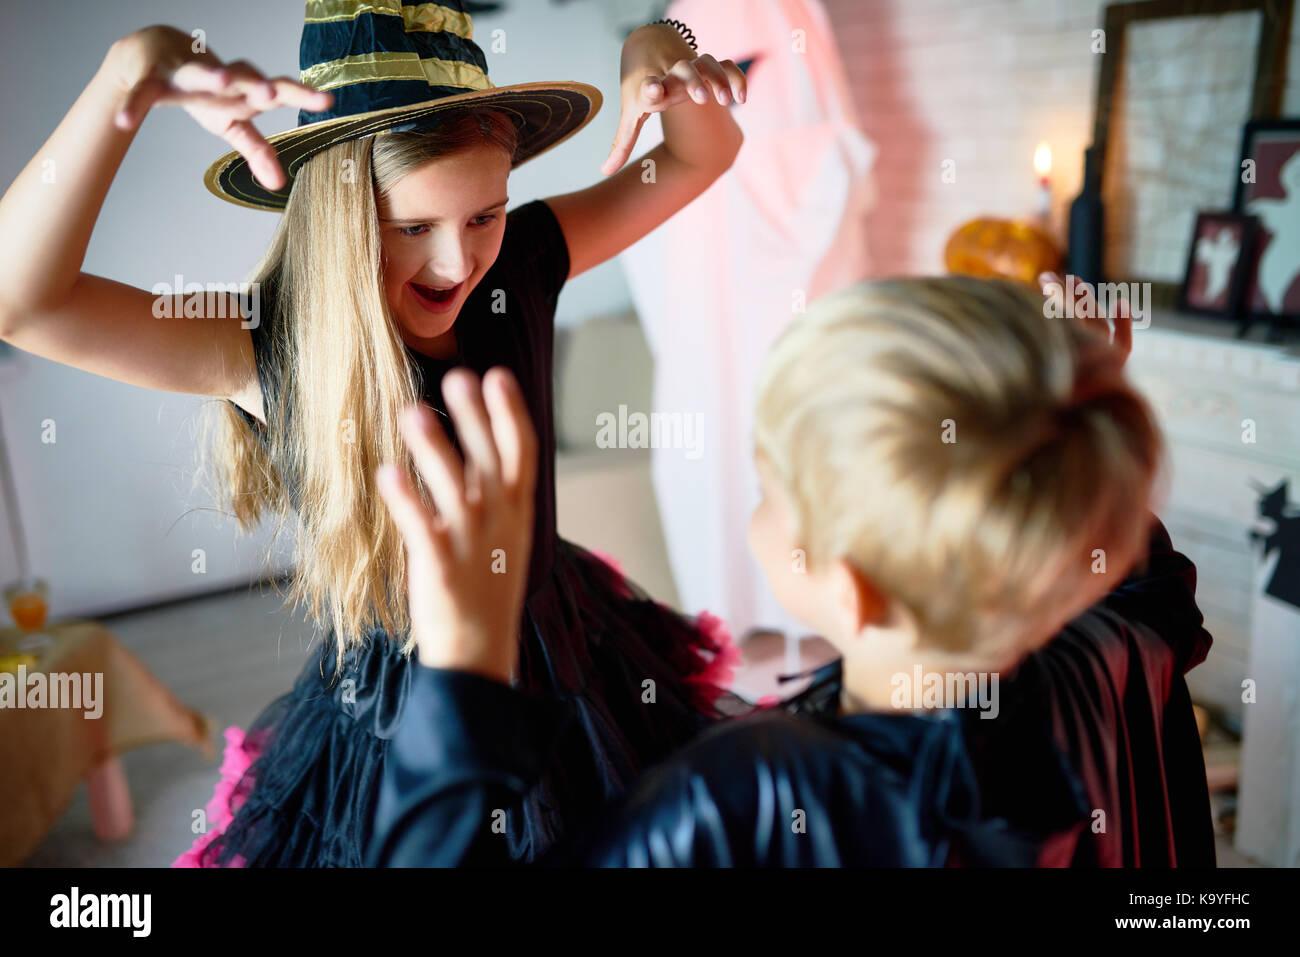 Gracioso emocionales en los niños disfraces de Halloween haciendo juegos de rol y asustar a cada otras imágenes Imagen De Stock